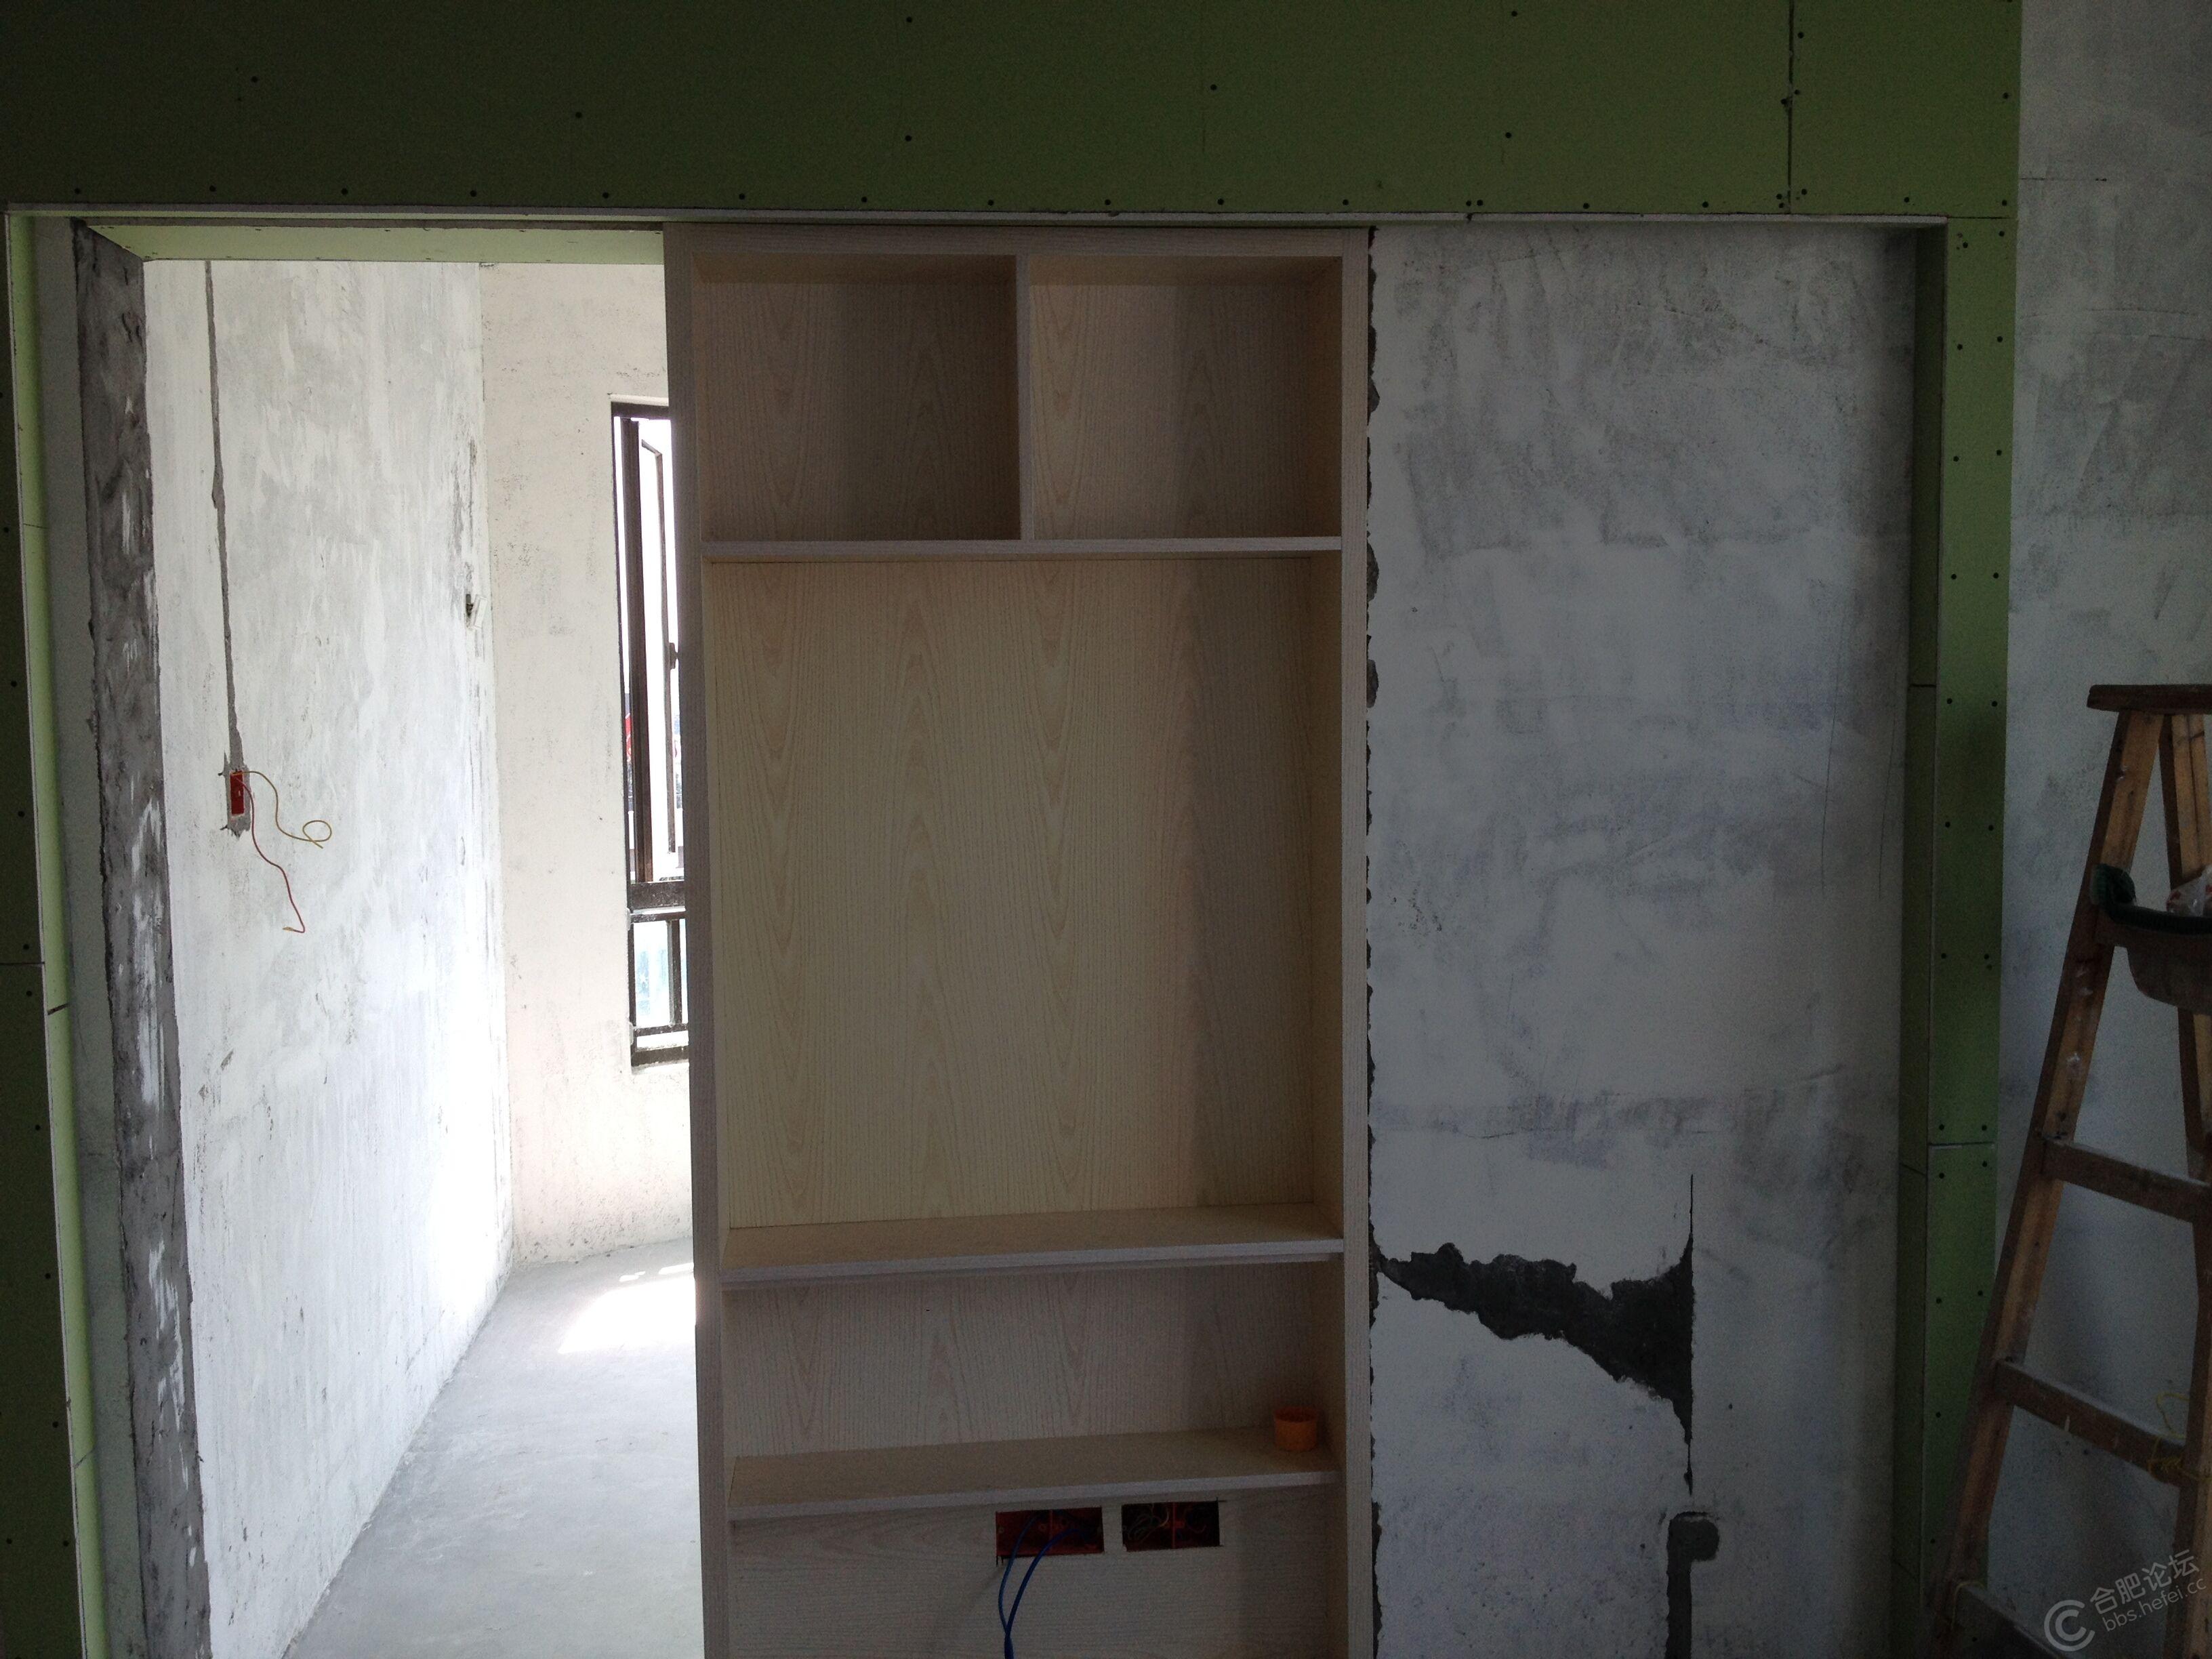 墙柜制作图解过程